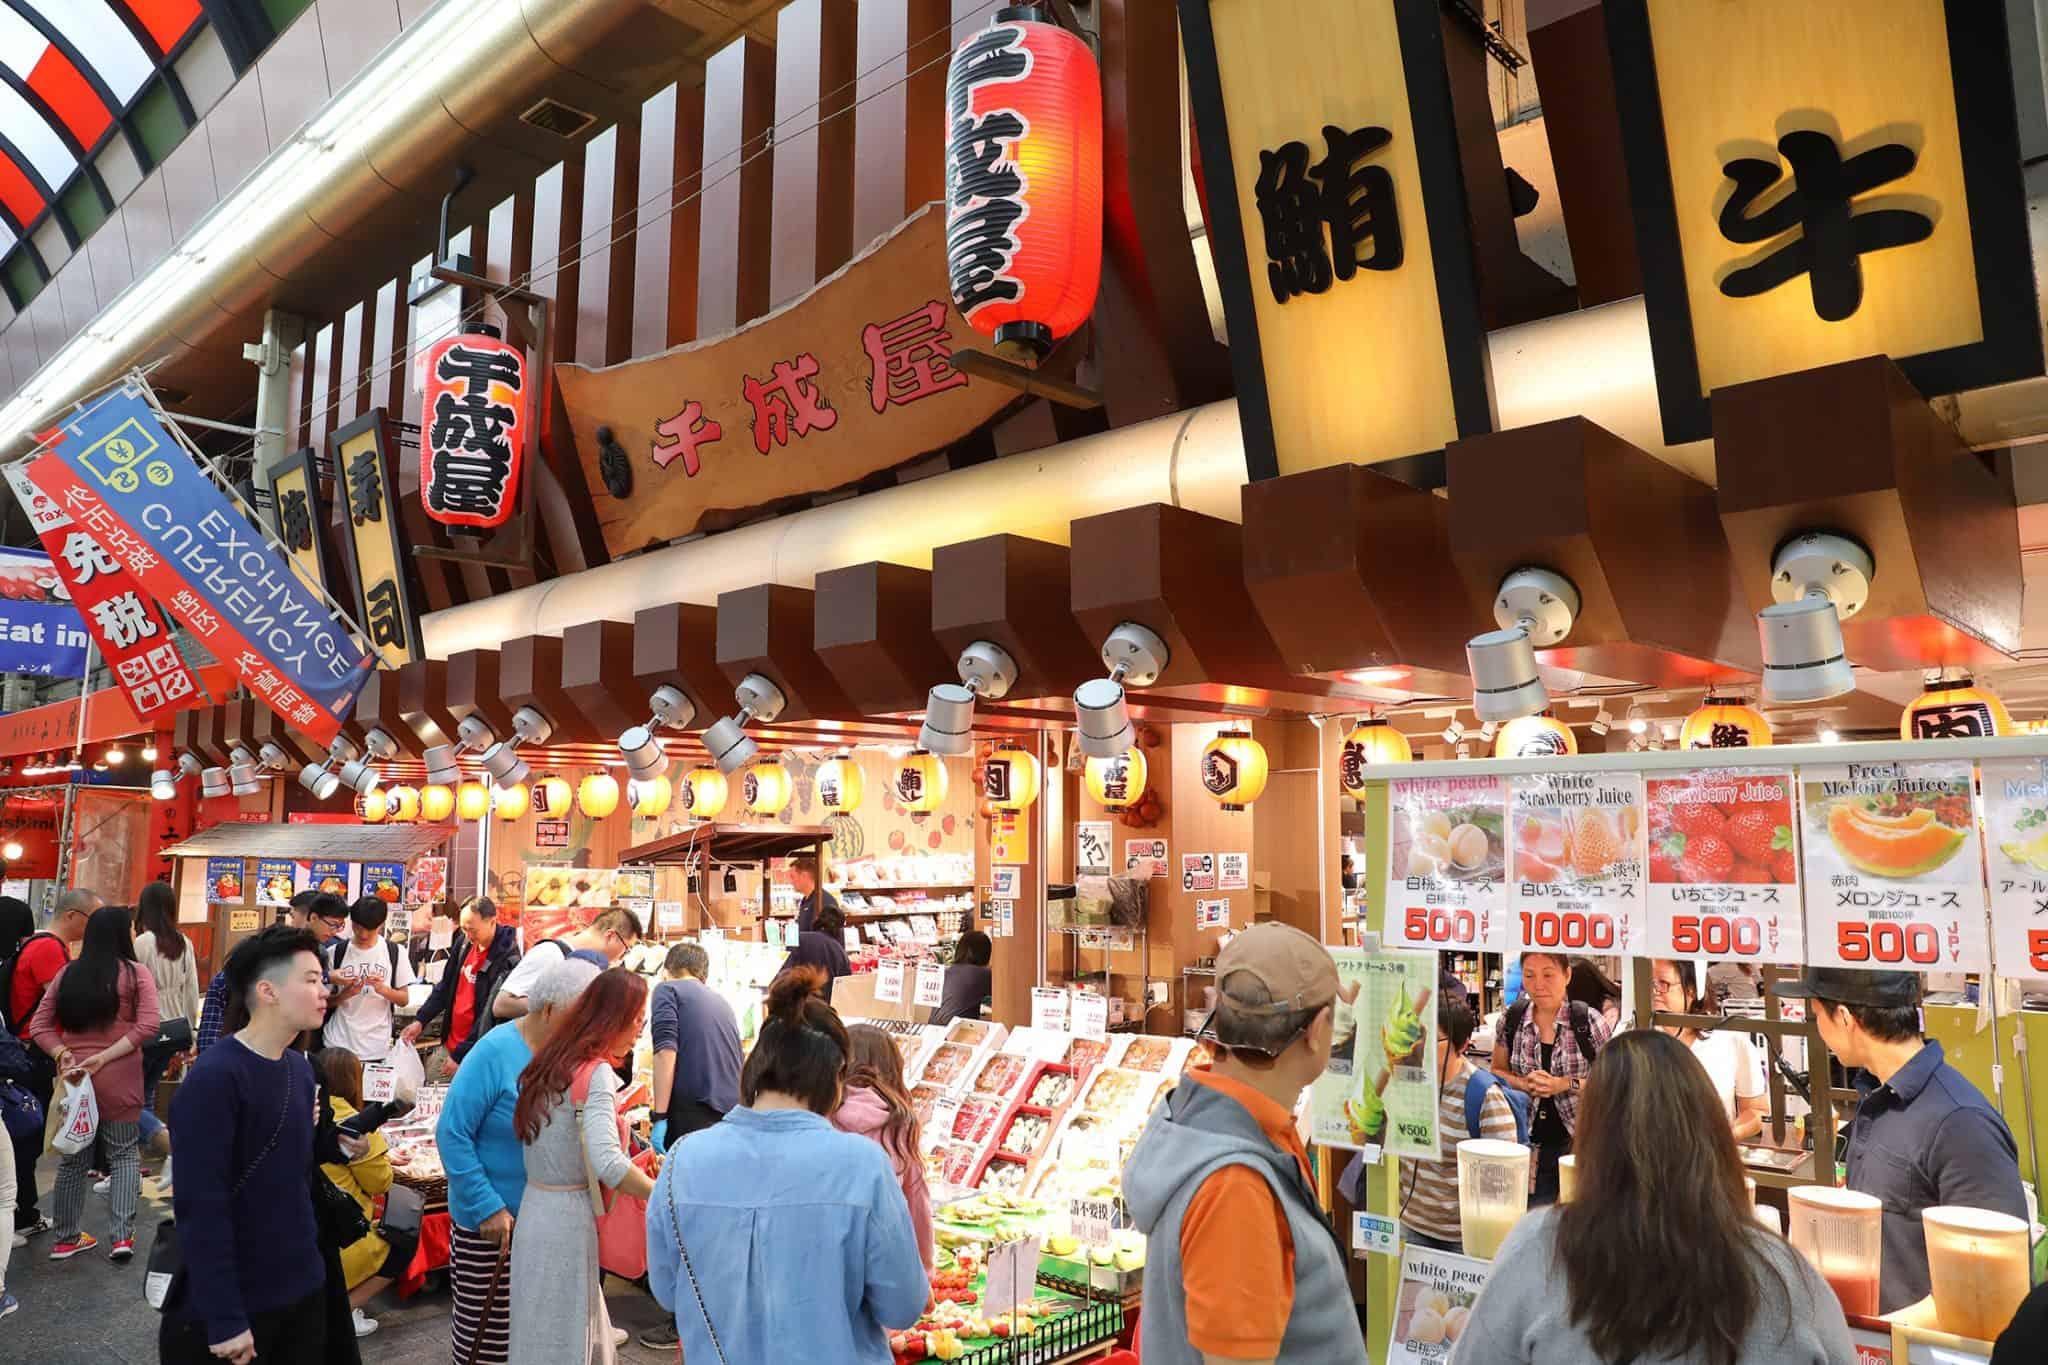 ร้านข้าวหน้าปลาดิบ Sennariya 千成屋 - ตลาดปลาคุโรมง (Kuromon Fish Market)